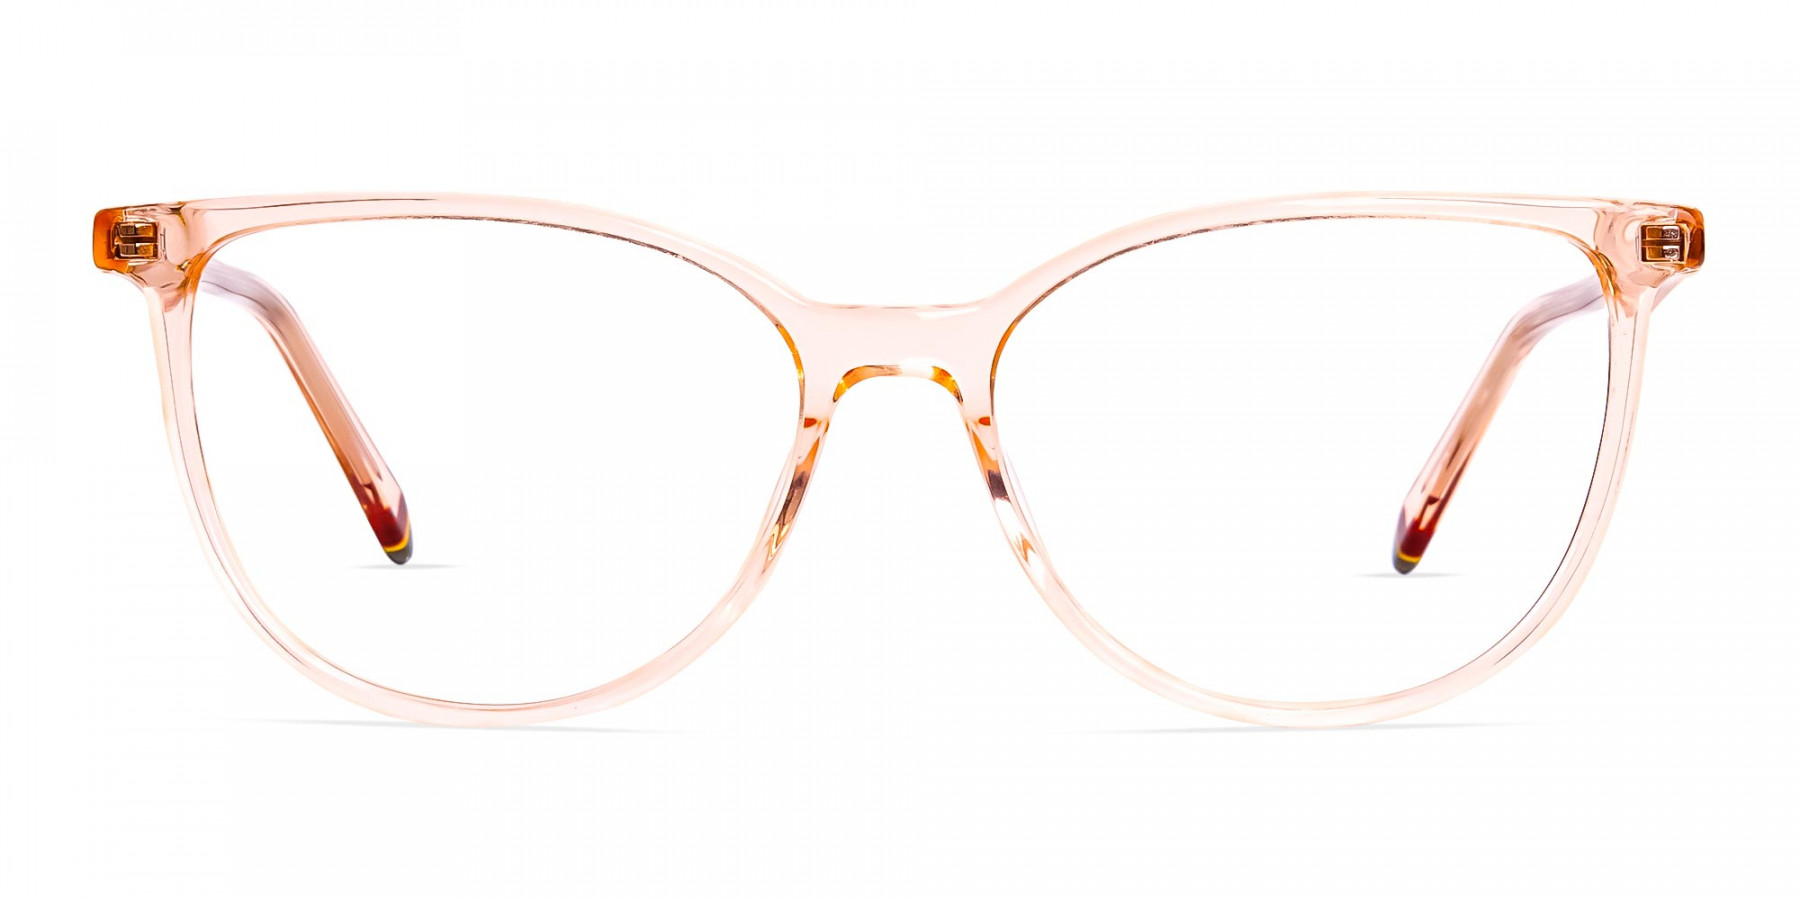 Orange-Colour-Crystal-Clear-or-Transparent-Cat-eye-Glasses-Frames-1